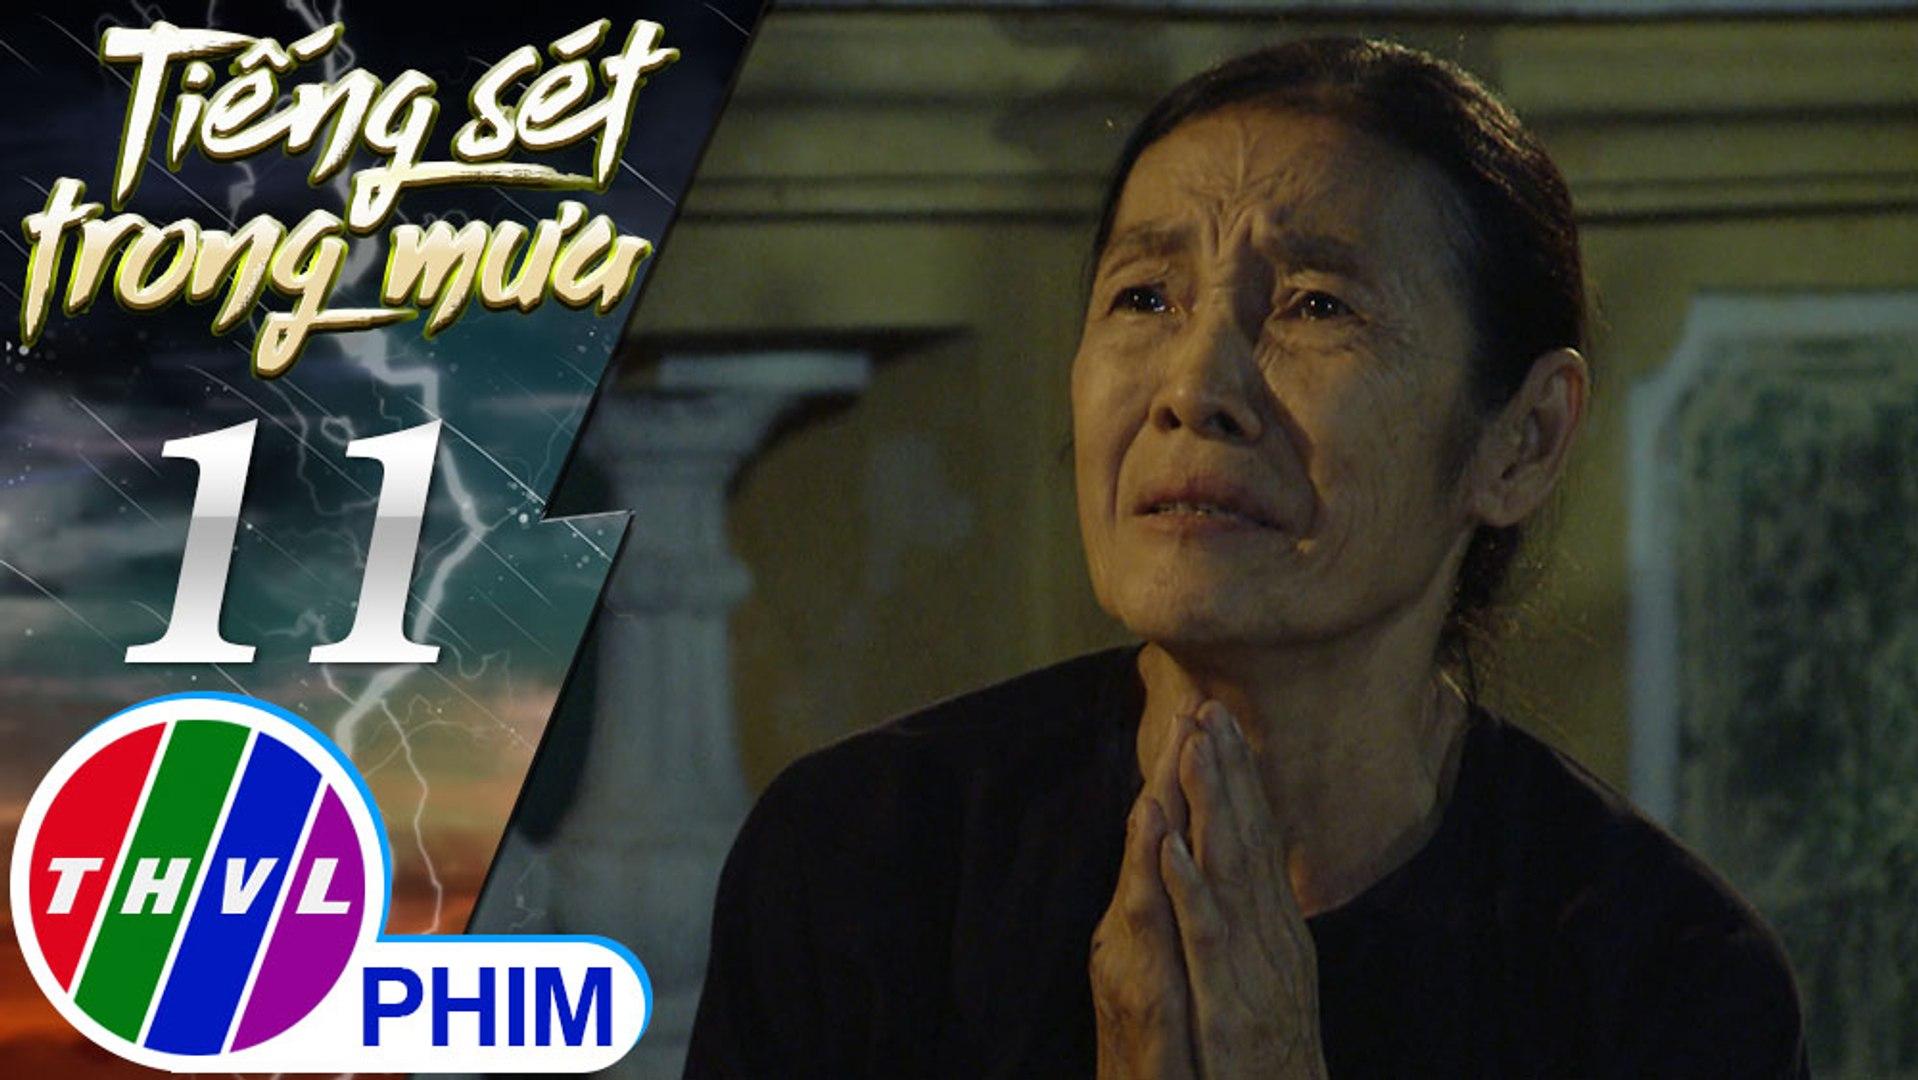 THVL | Tiếng sét trong mưa - Tập 11[3]: Bà Bảy ngăn cản khi Khải Văn muốn đi thuyết phục mẹ mình